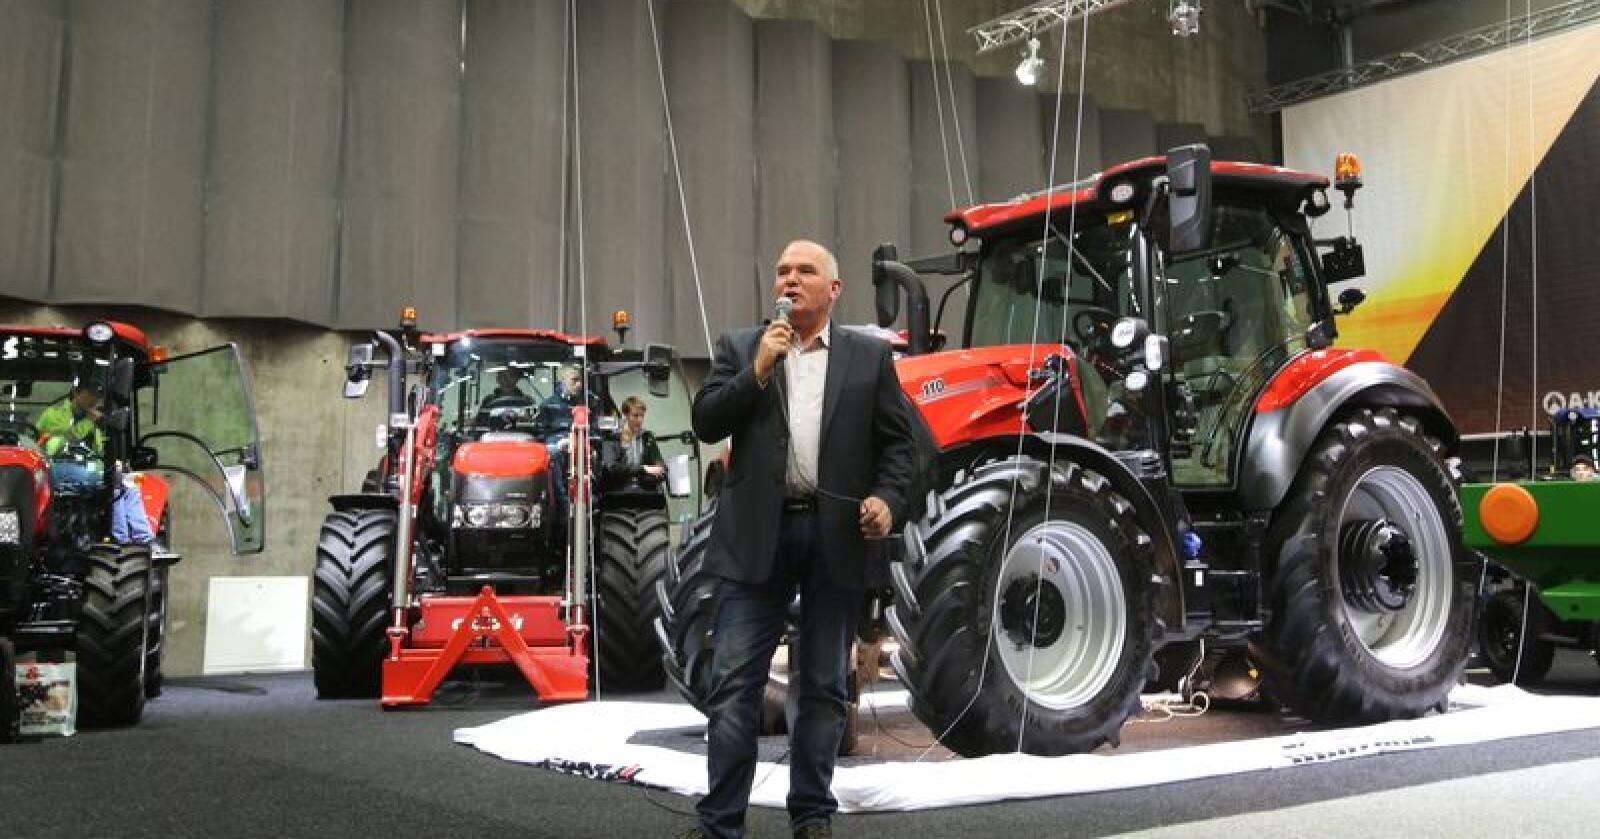 AVDUKING: Produktsjef Morten Smedsrup i AK Maskiner kunne avduke Case IH Vestrum til stemningsfull lyssetting og spent stemning  under Agrovisjon fredag ettermiddag.